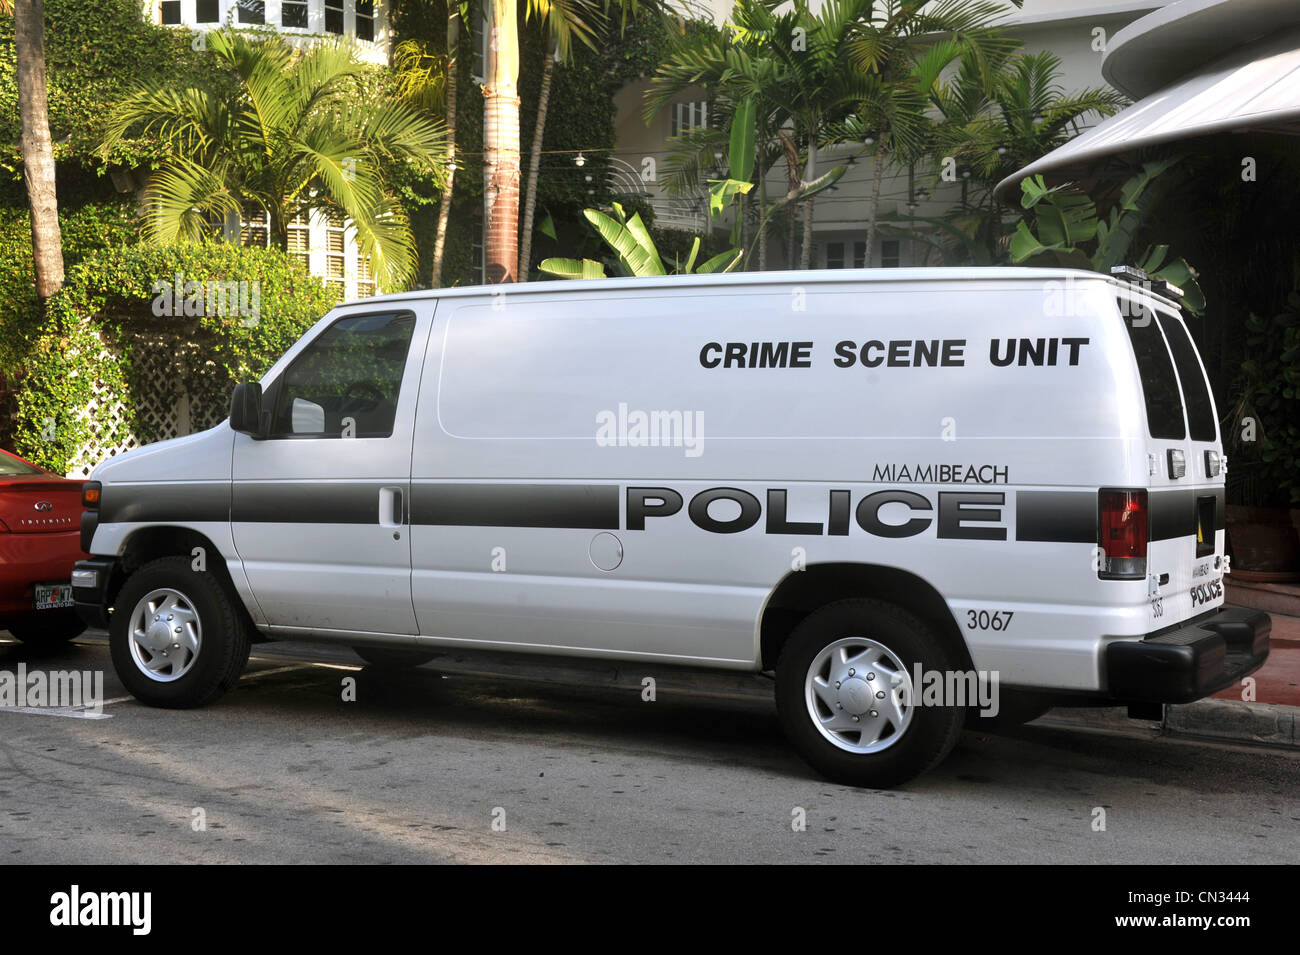 Verbrechen-Szene Maßeinheit Mannschaftswagen, Miami, Florida, USA Stockbild